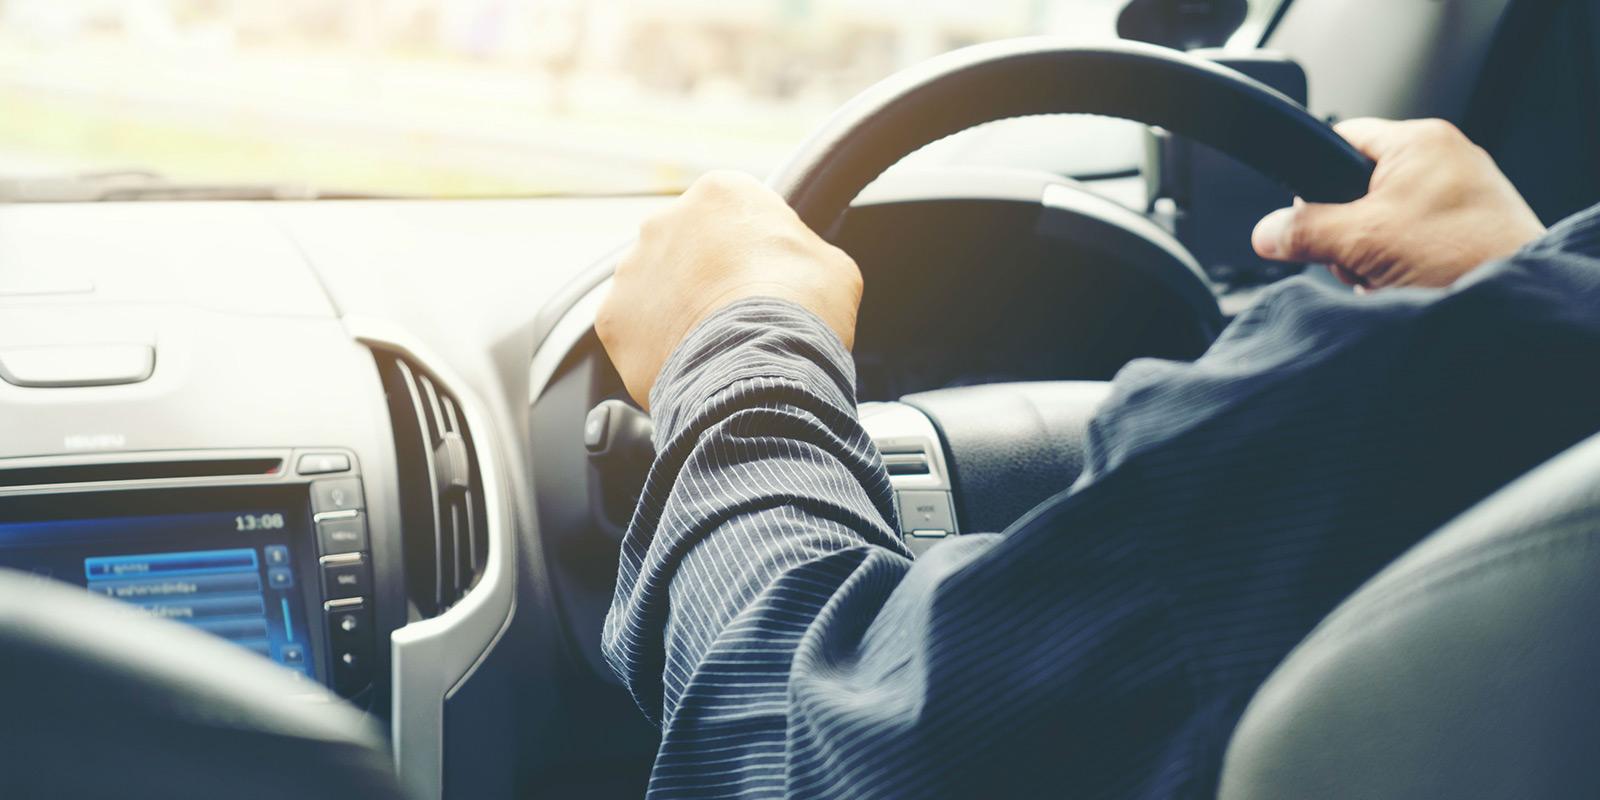 Při prodeji nezapomeňte na přepis vozidla, veškeré pokuty nového majitele jinak zaplatíte vy sami!